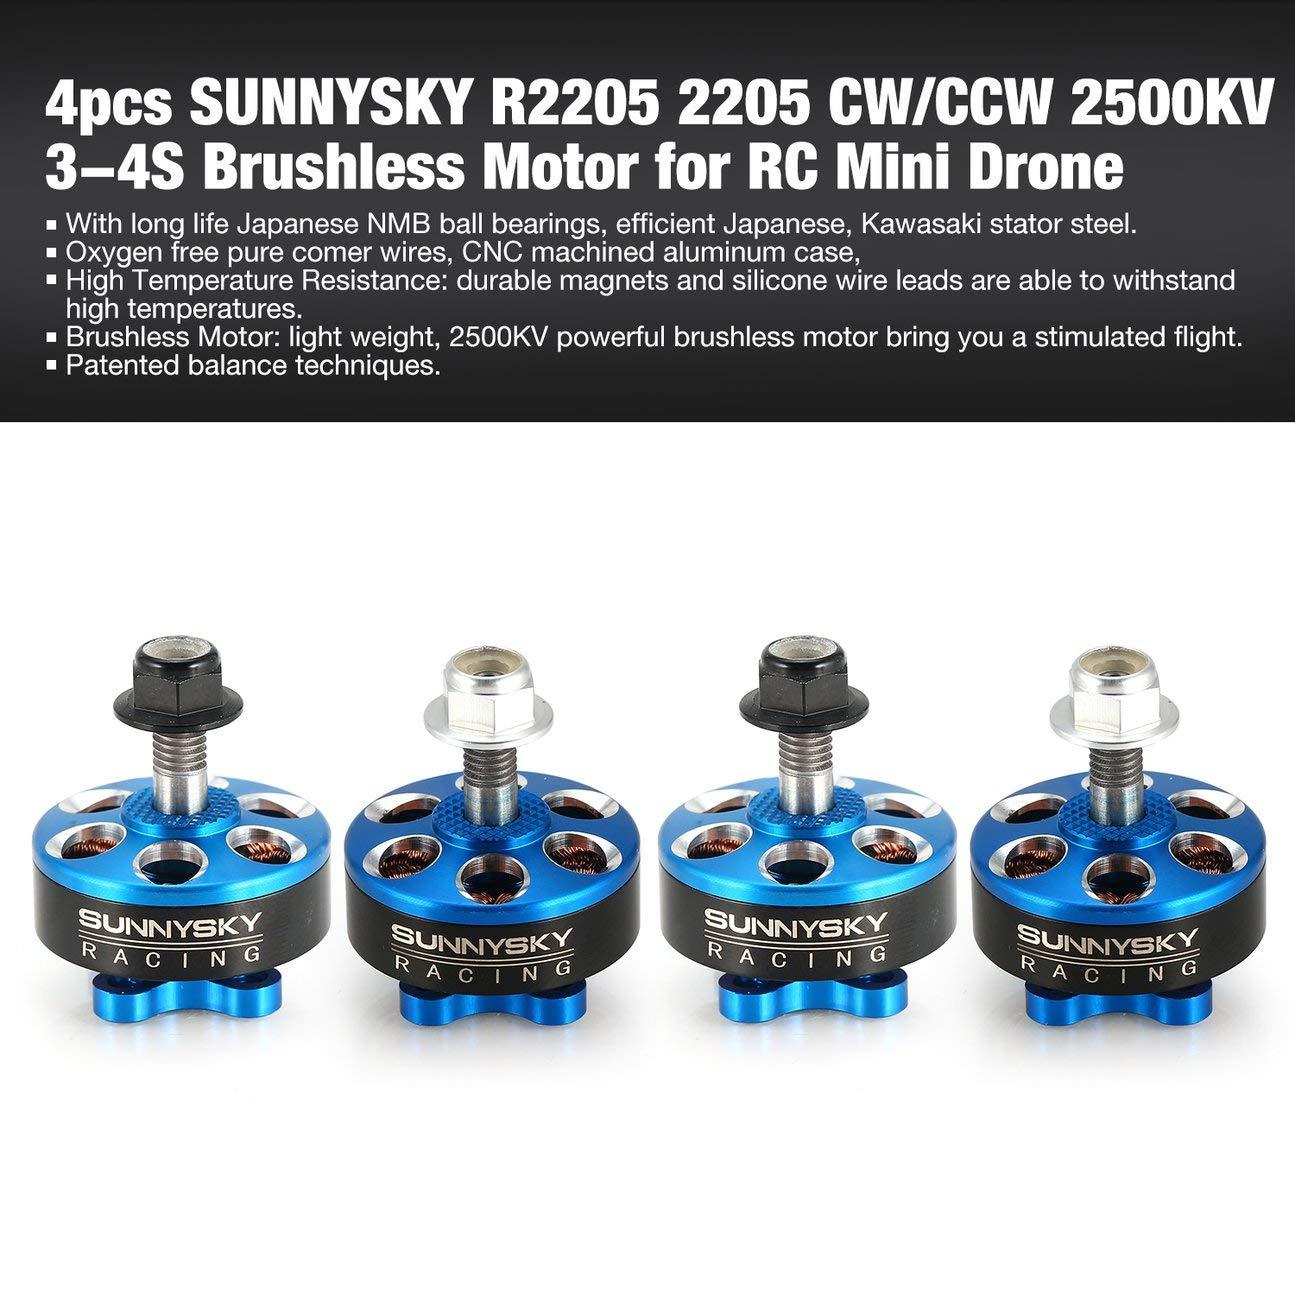 4 unids R2205 2205 CW/CCW CW/CCW CW/CCW 2500KV 3-4S Motor sin escobillas para FPV RC Mini Racing Drone UAV Multicopter Quadcopter Azul 2d146a